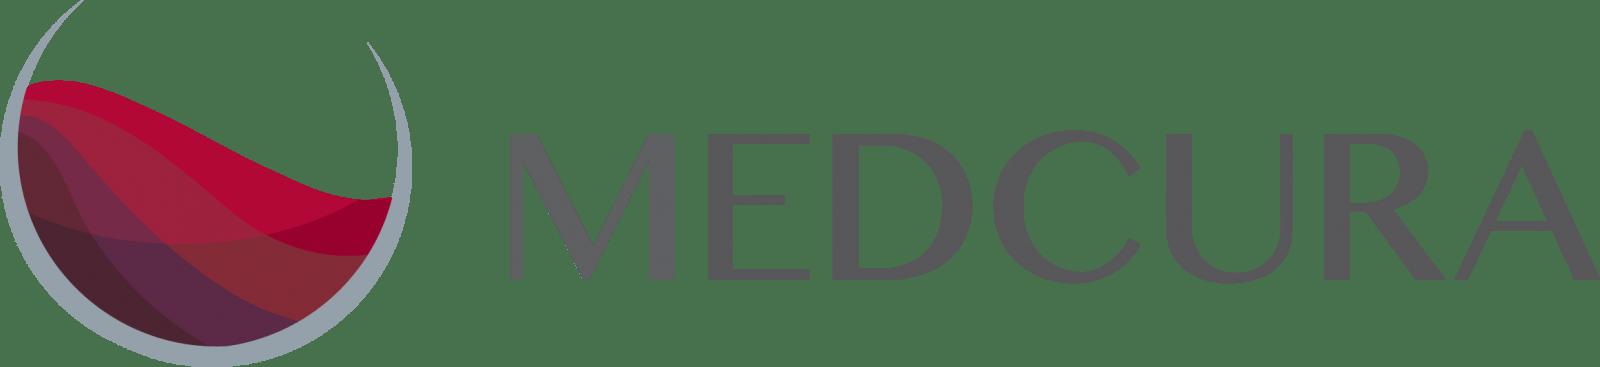 Medcura Logo